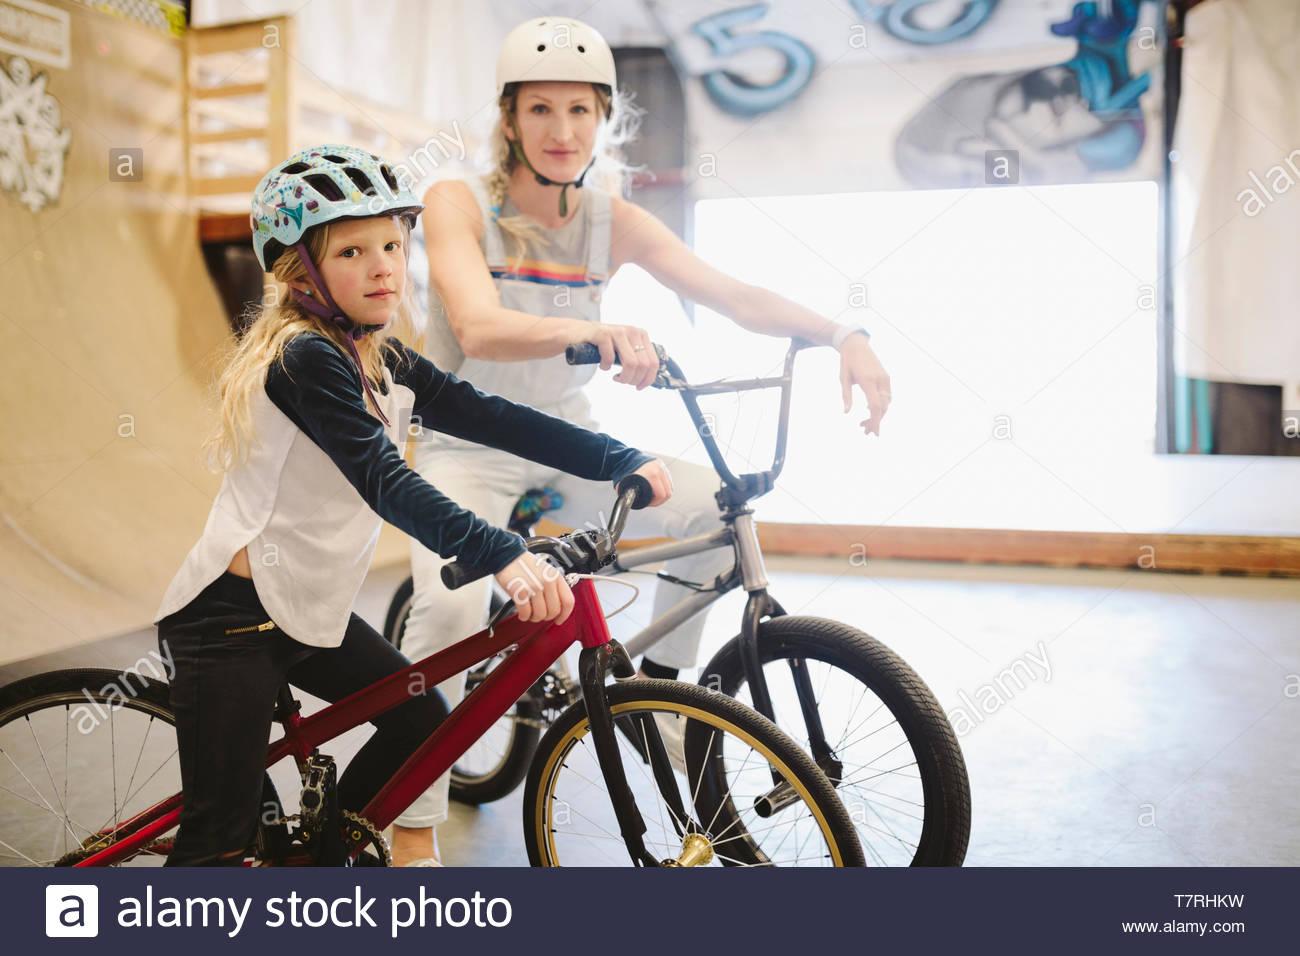 Ritratto fiducioso madre e figlia con biciclette BMX a indoor skate park Immagini Stock